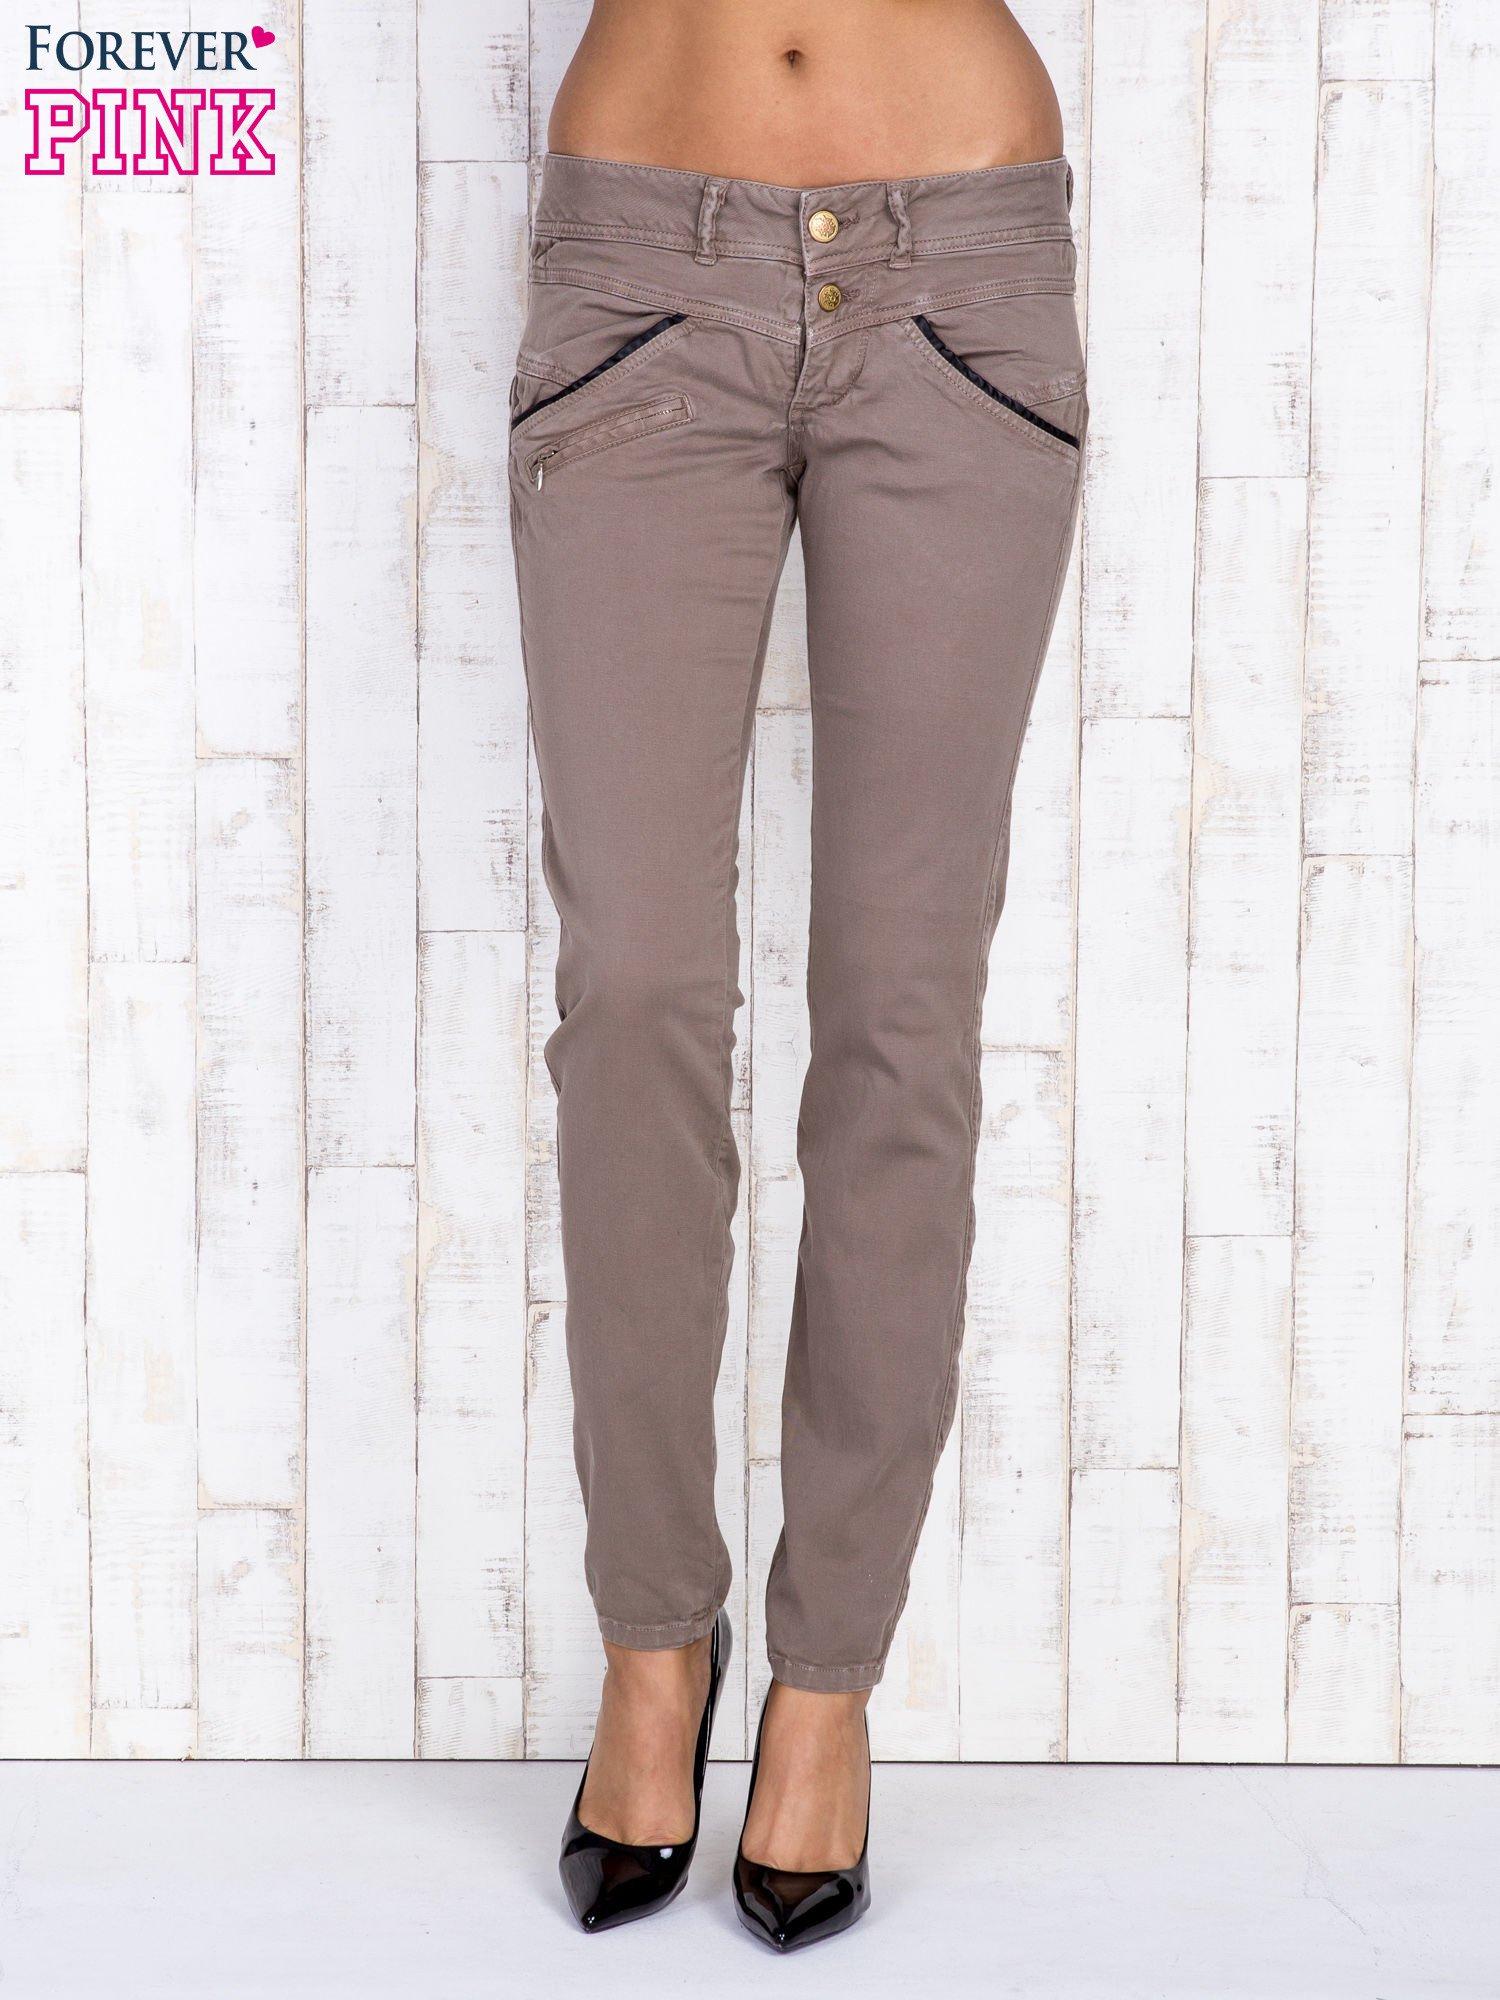 Ciemnobeżowe spodnie z kieszonkami na suwak                                  zdj.                                  1